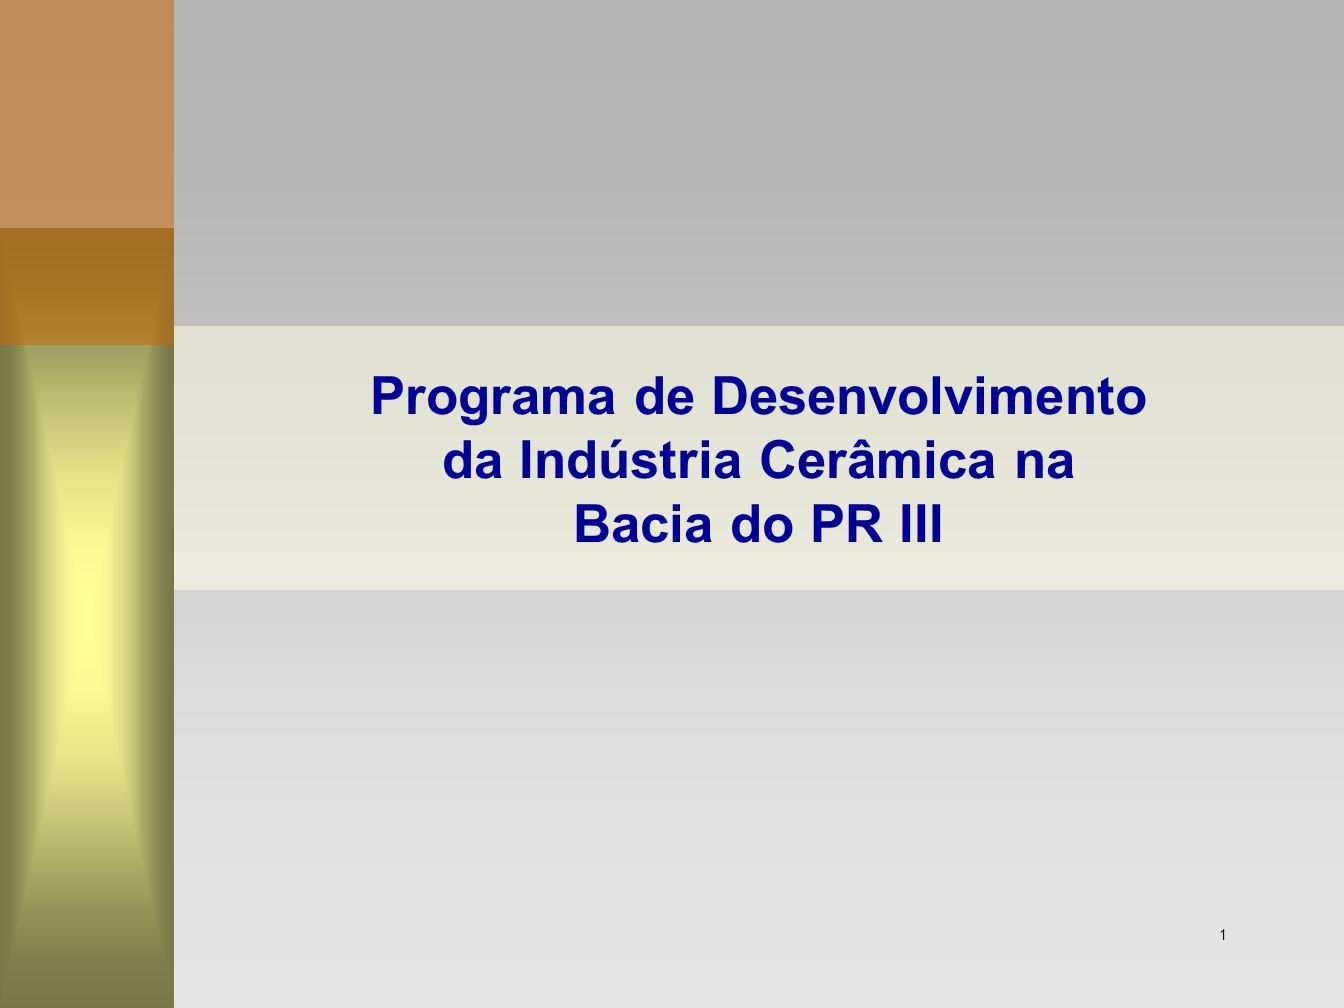 Programa de Desenvolvimento da Indústria Cerâmica na Bacia do PR III